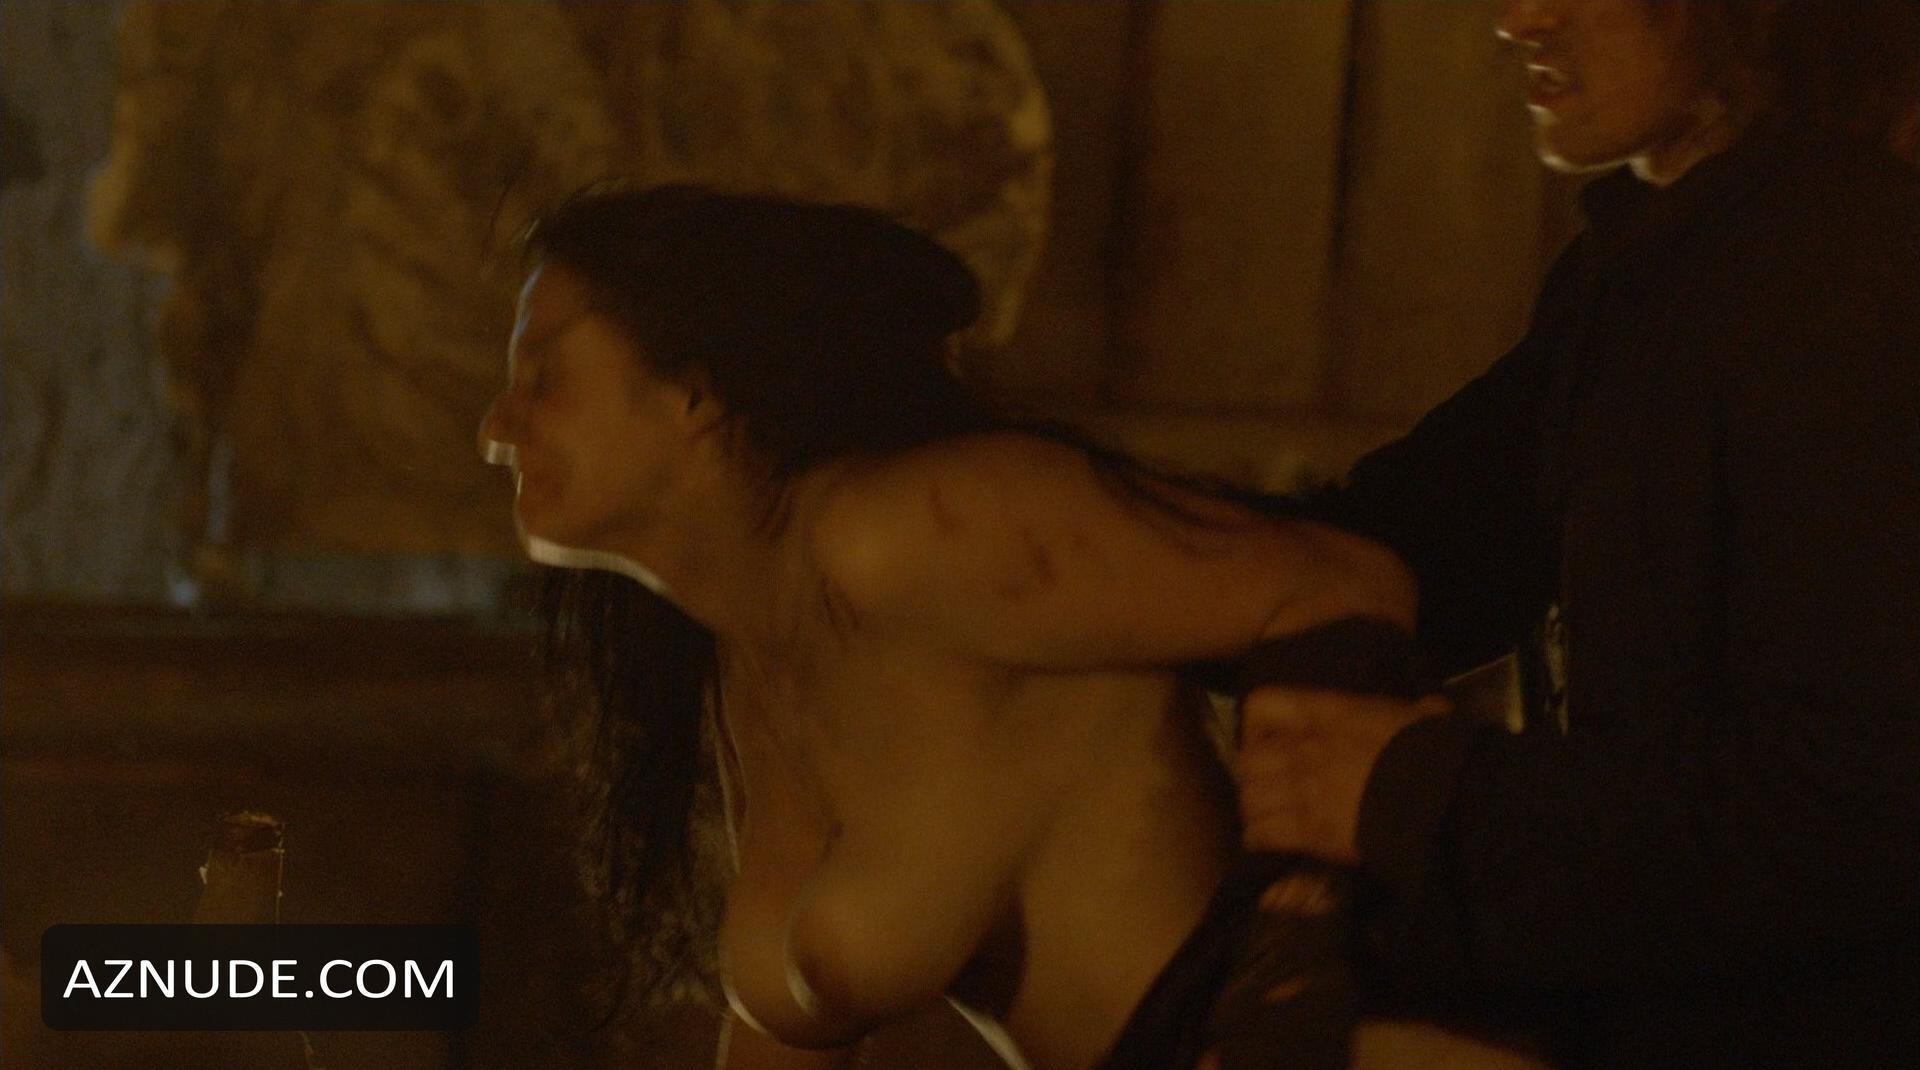 sarah bad girls nude